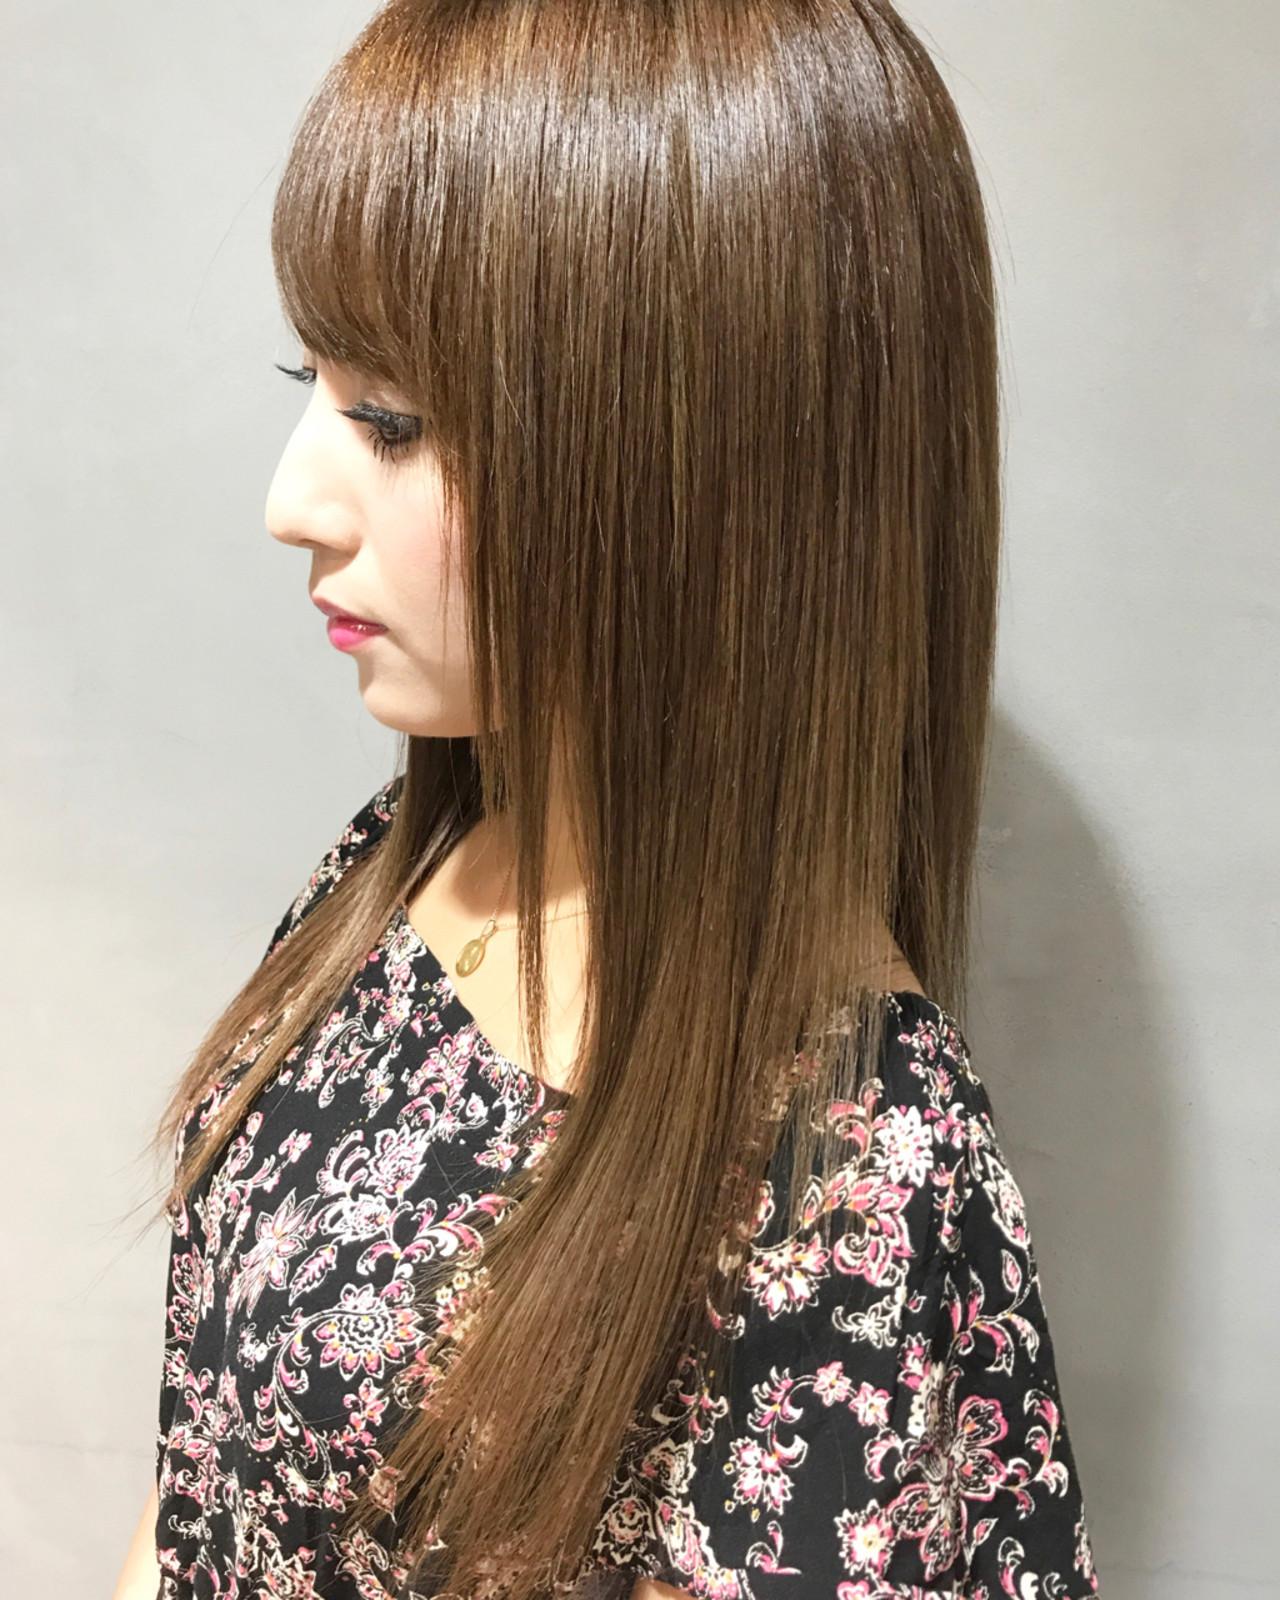 【簡単】髪は綺麗に伸ばせる?目指すは大人のビューティーロングヘア♡ miya/@1031miya